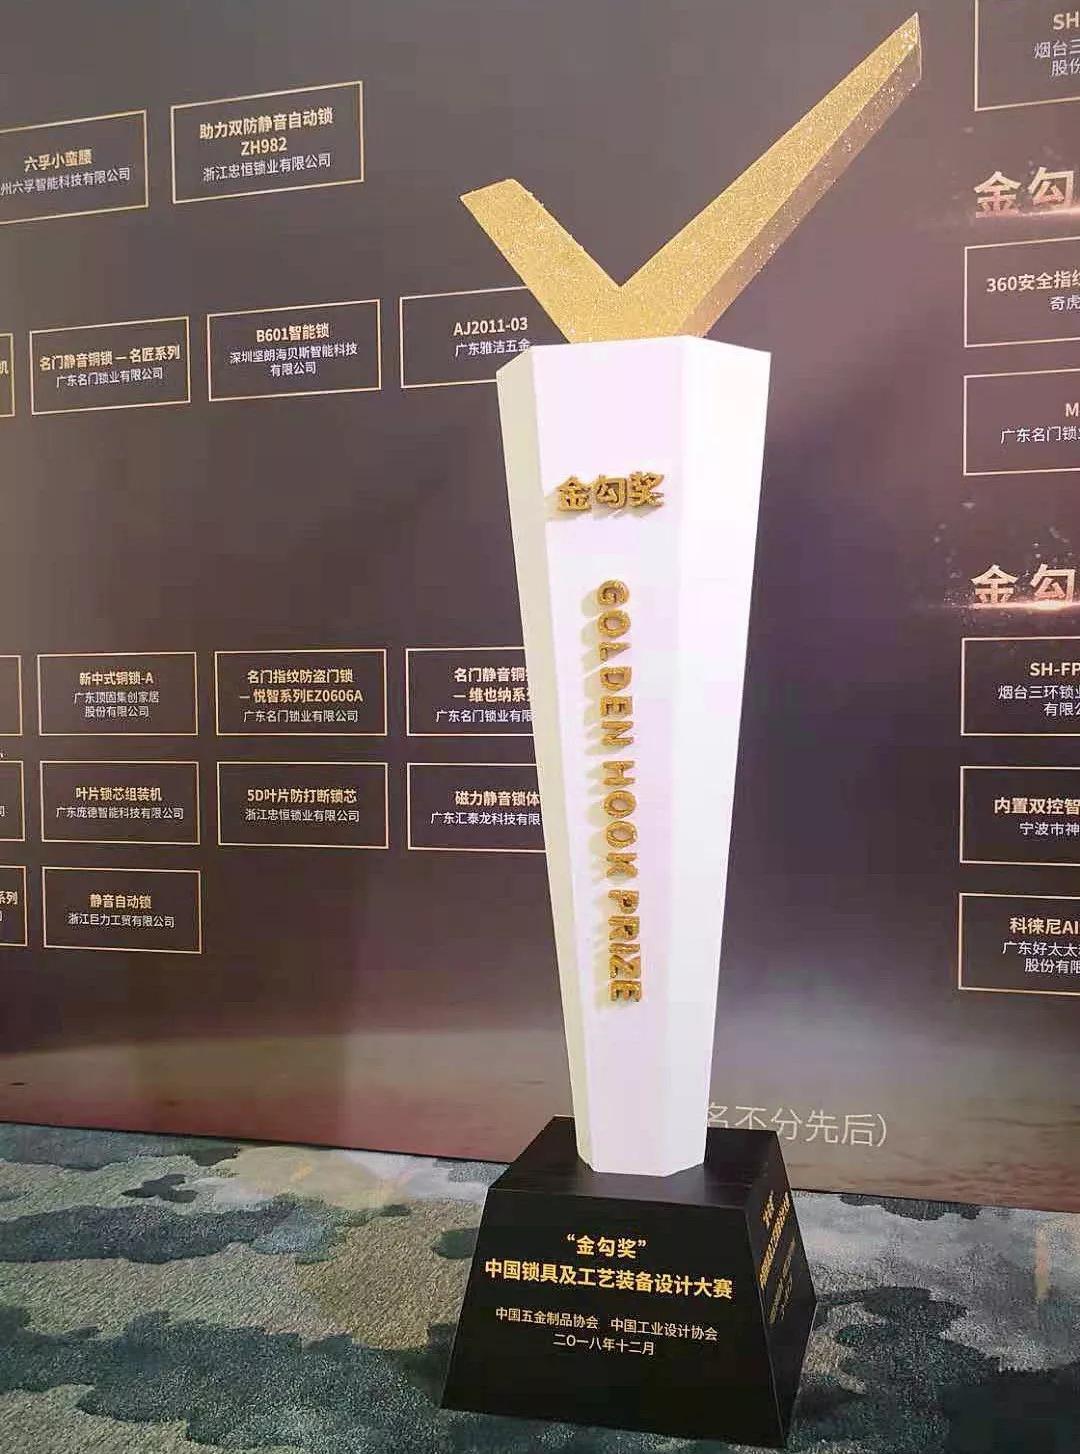 喜讯|VOC实力斩获行业重量级奖项金勾奖,惊艳设计HOLD住全场